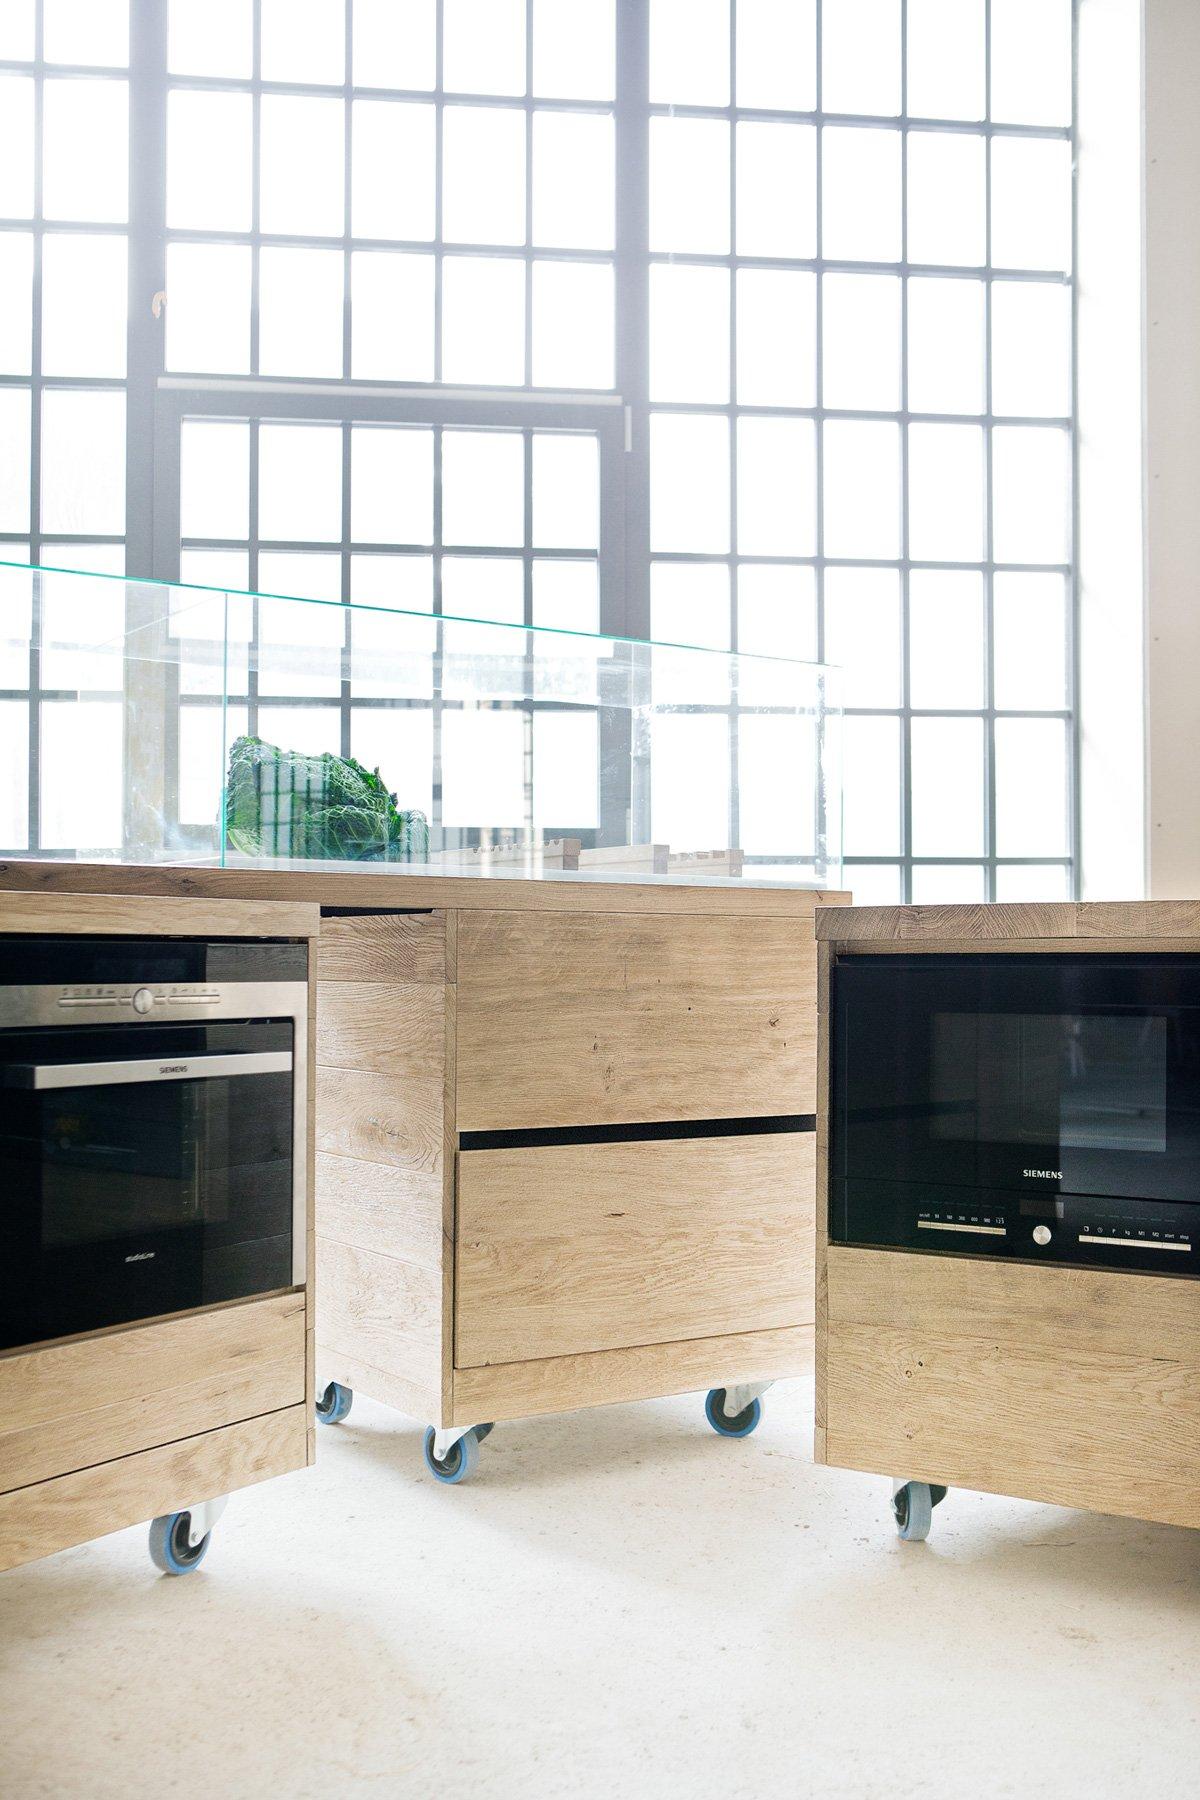 Siemens Foodlab Modular Kitchen